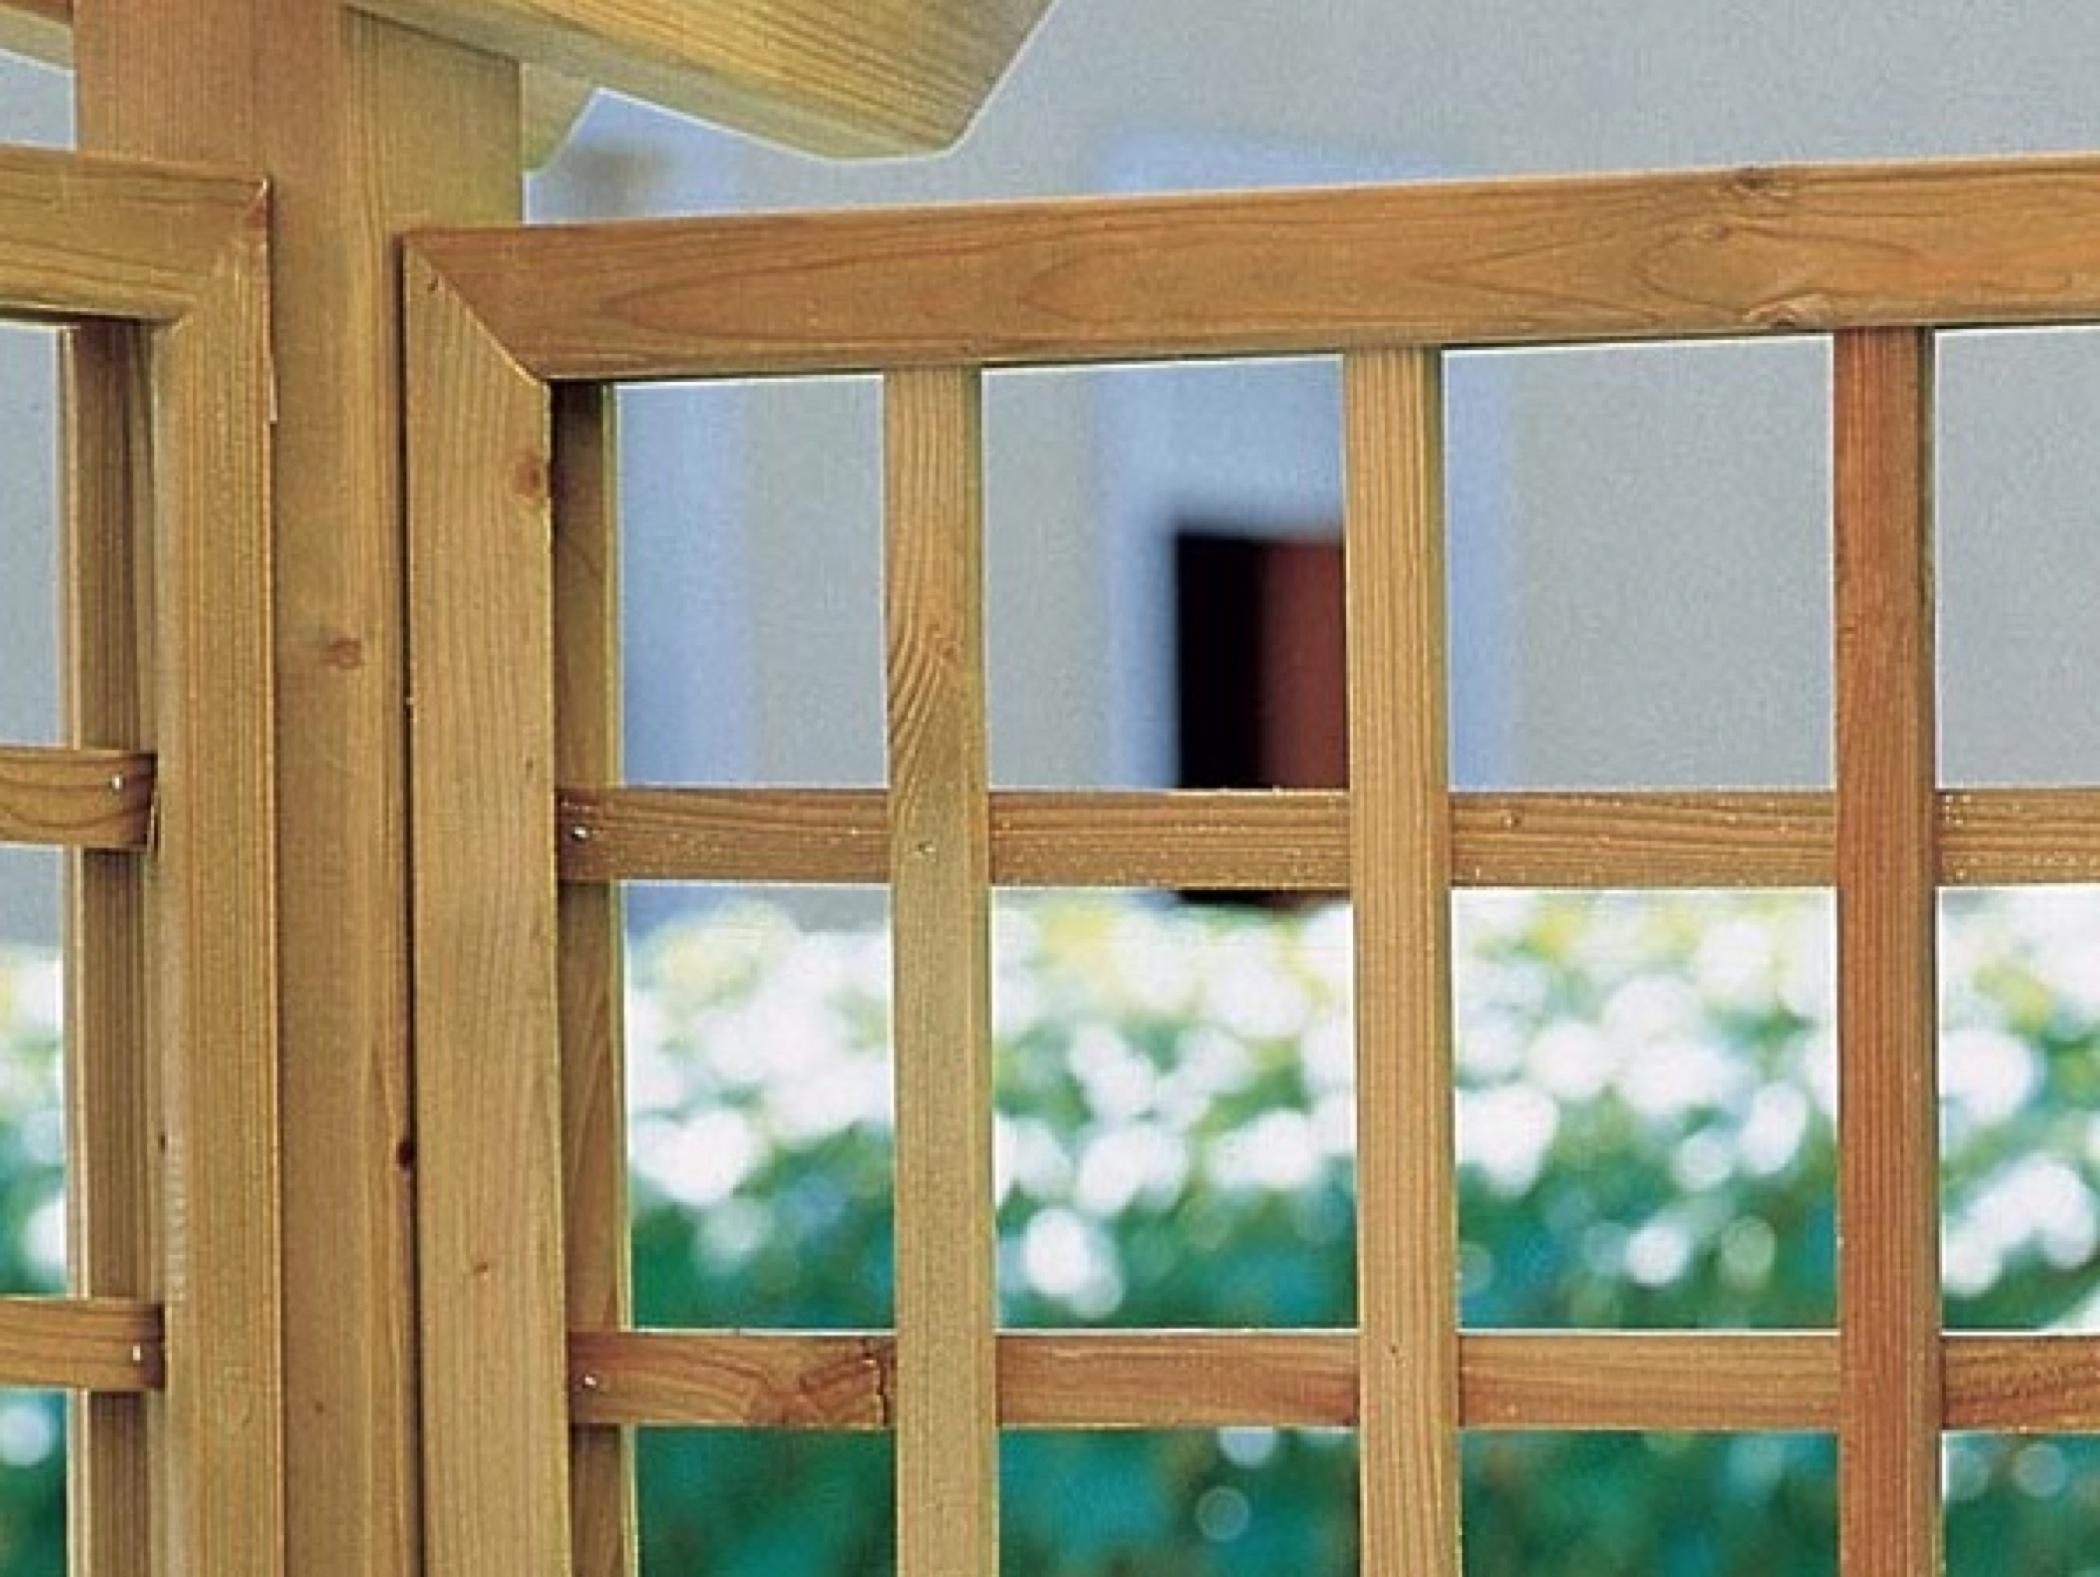 Recinzioni giardino tutte le offerte cascare a fagiolo - Pannelli divisori giardino ...